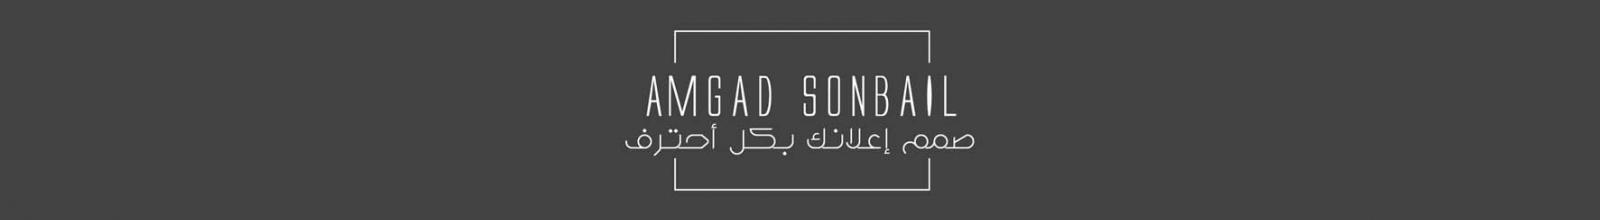 sonbali